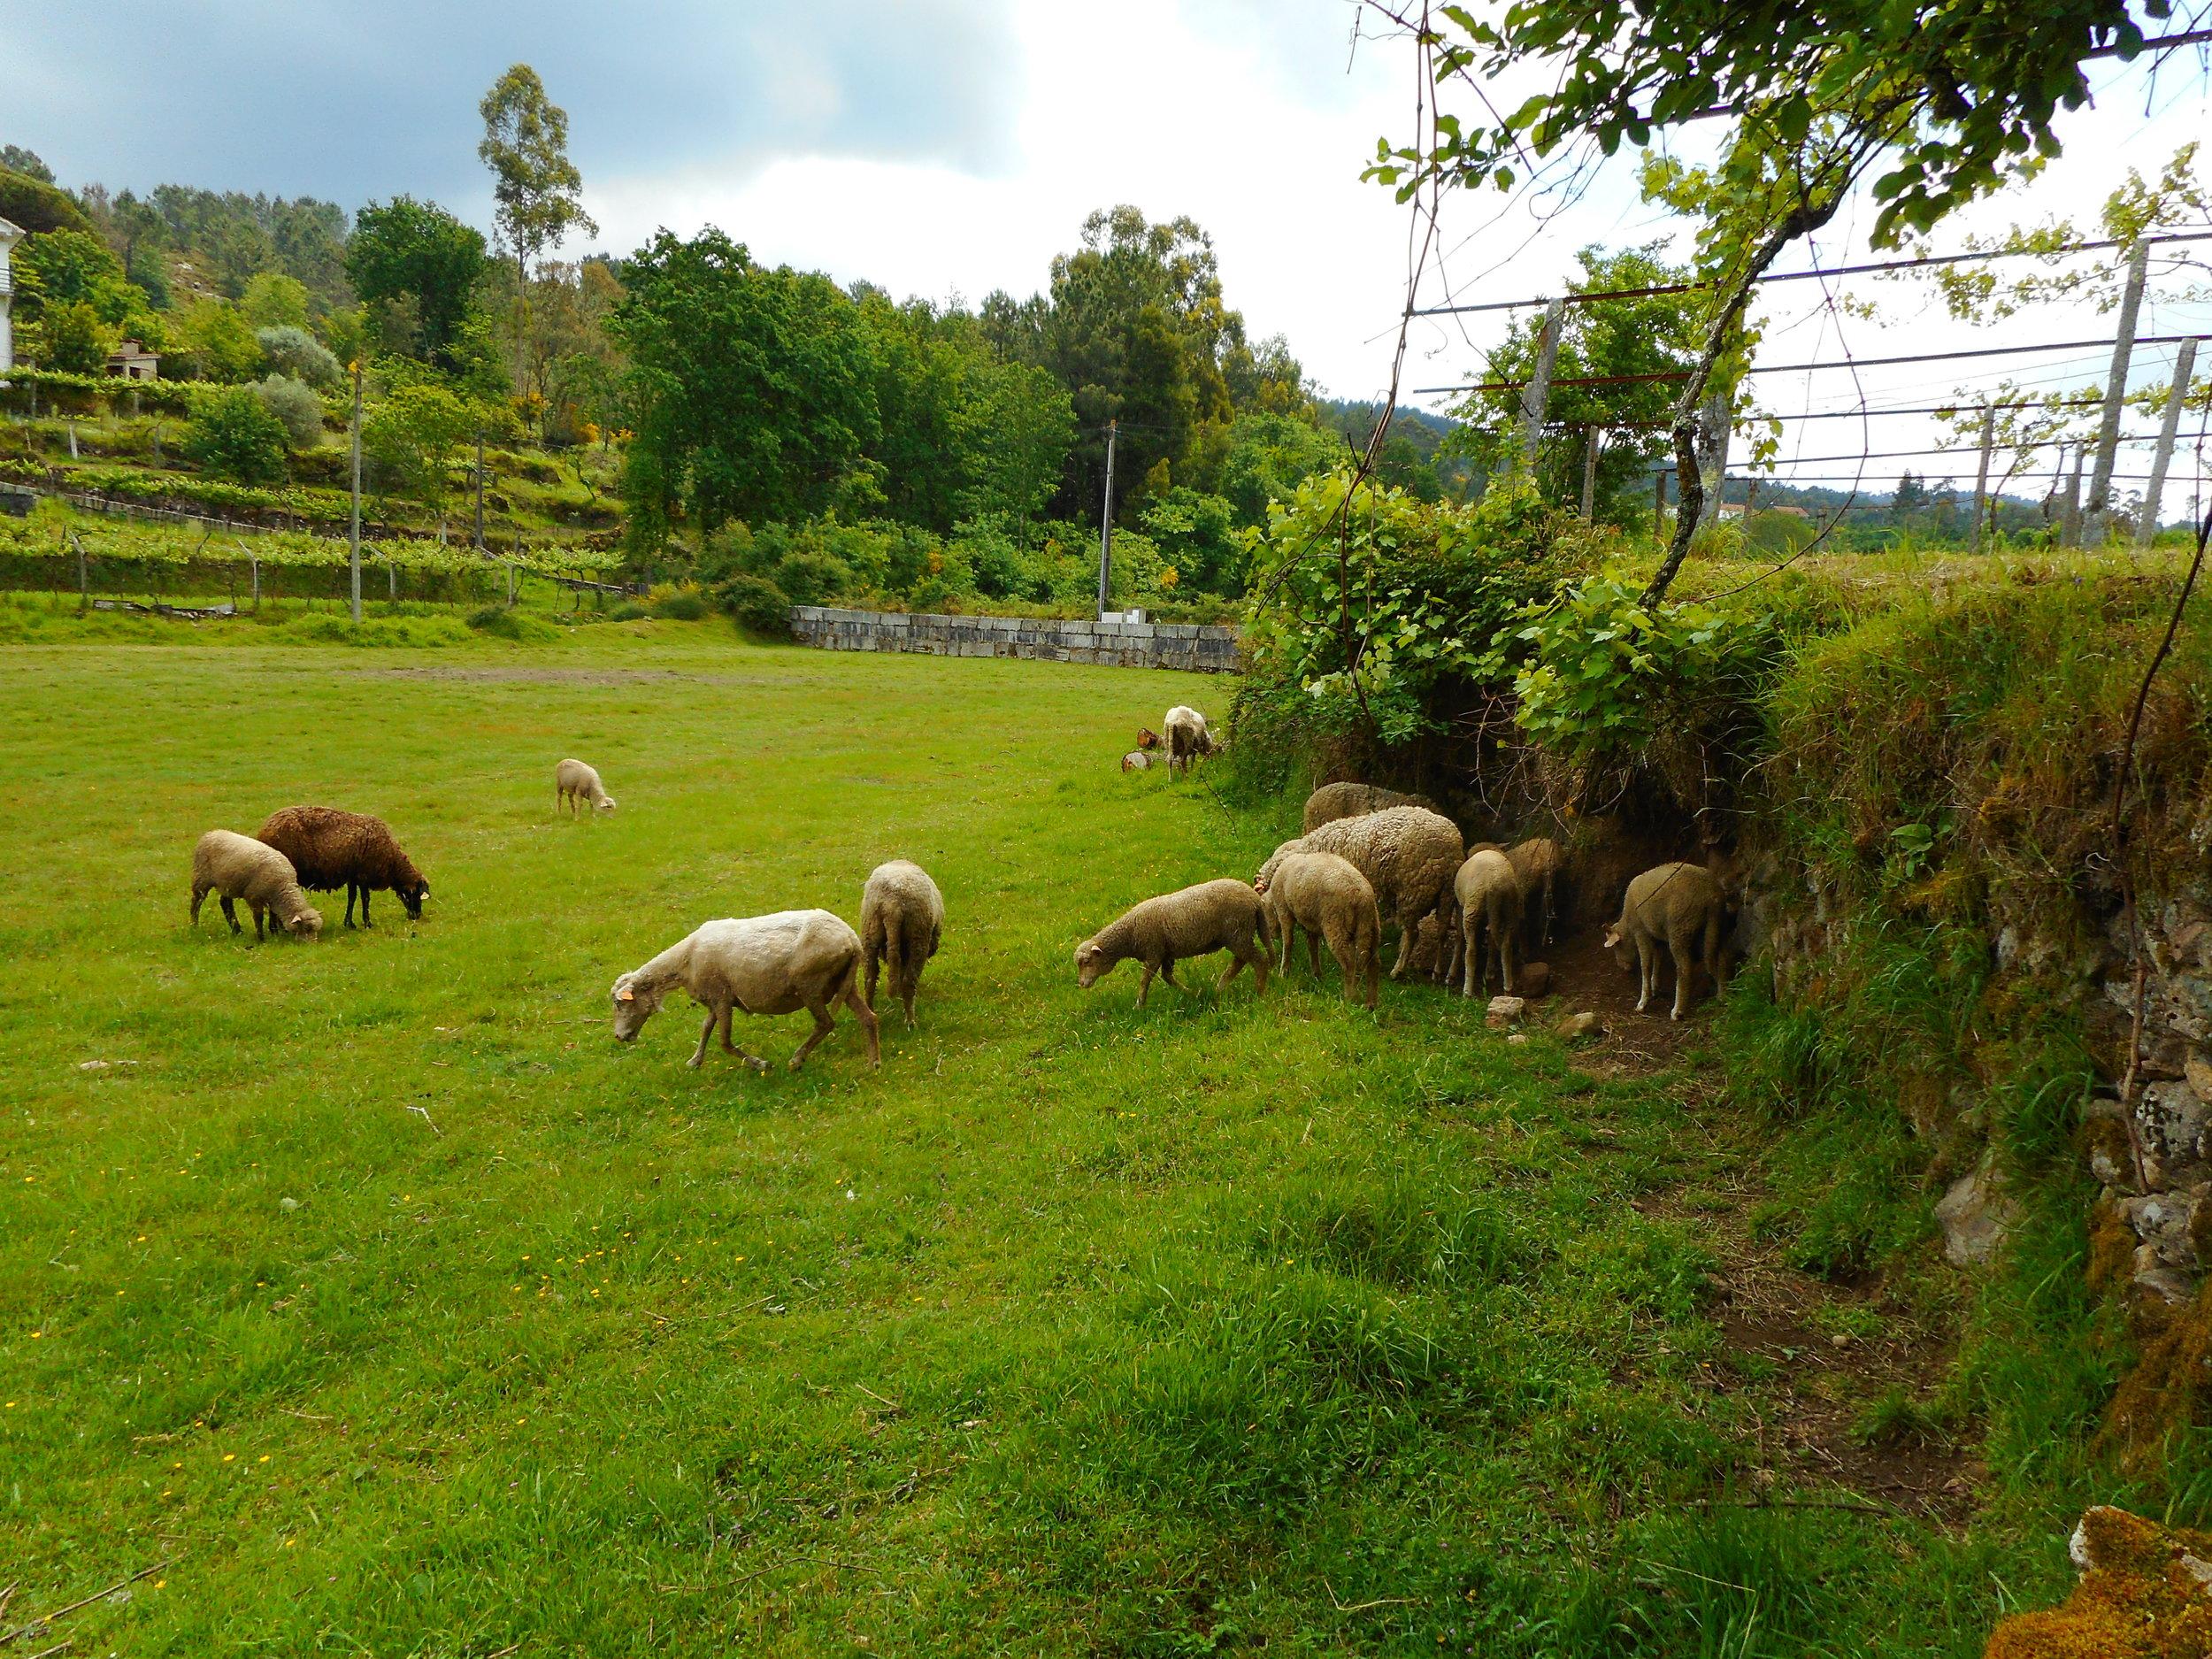 Napping sheep along the way